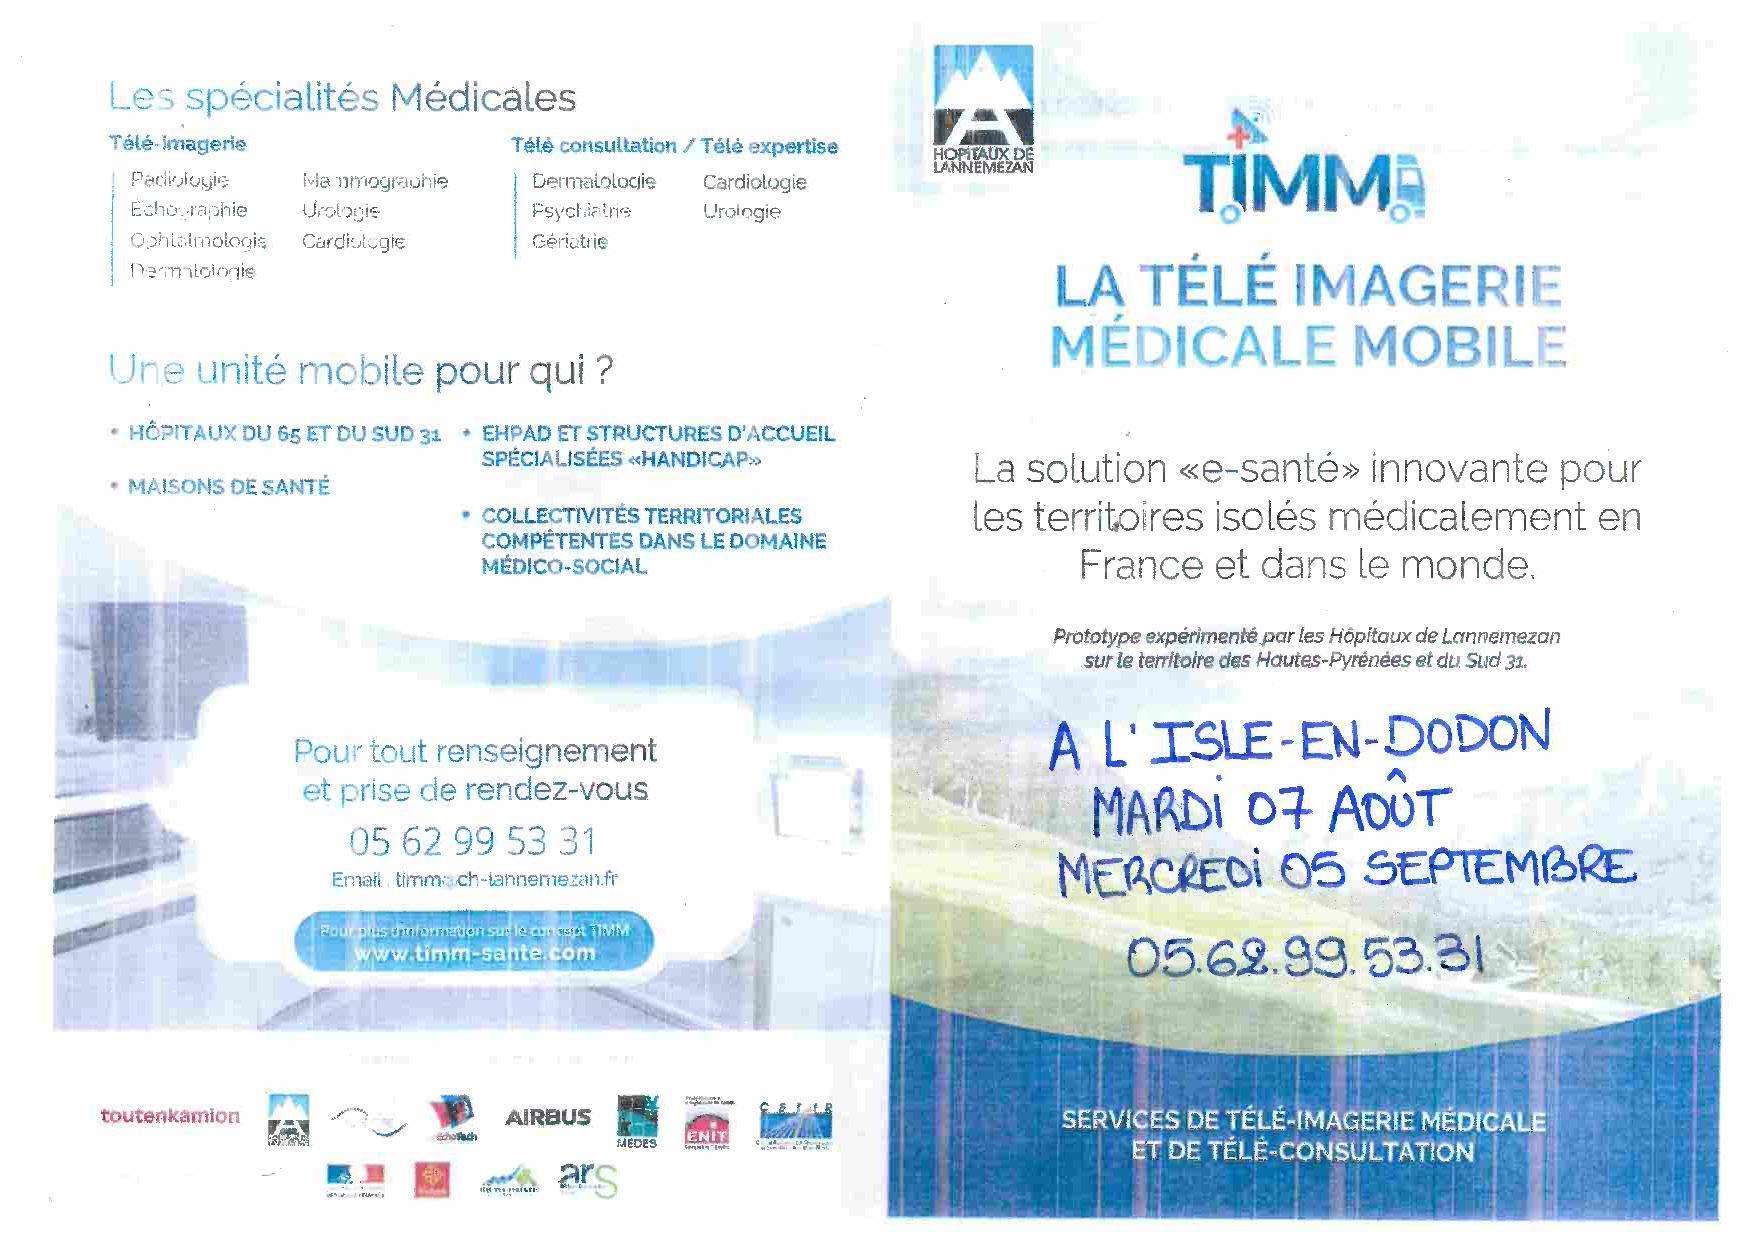 La télé imagerie médicale à L'Isle-en-Dodon